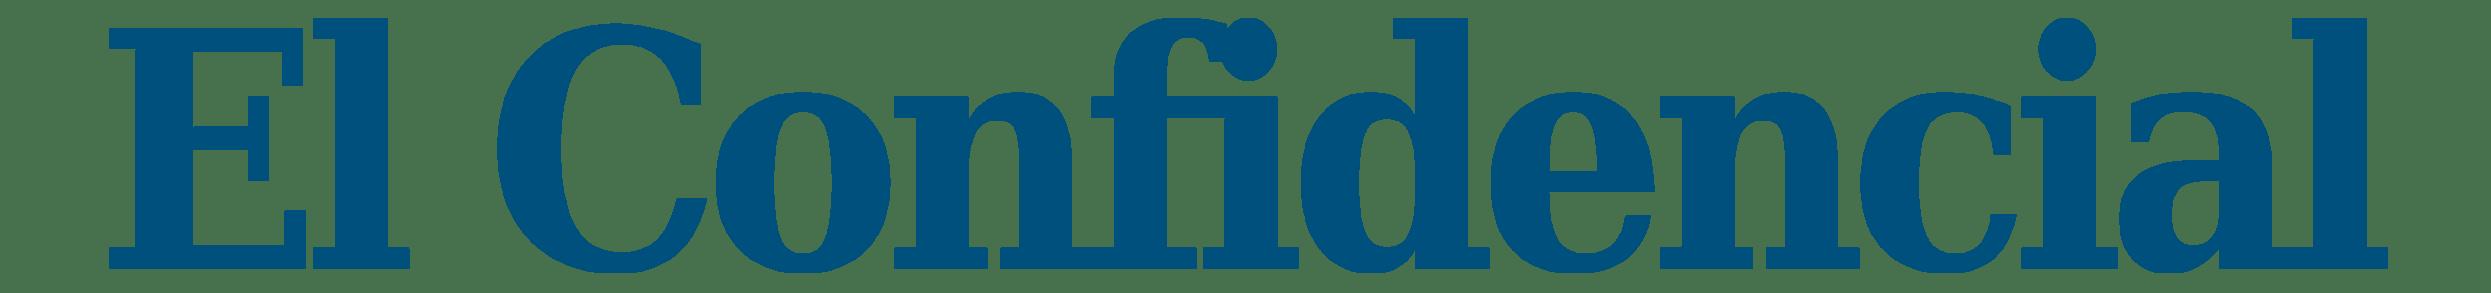 logo-confidencial